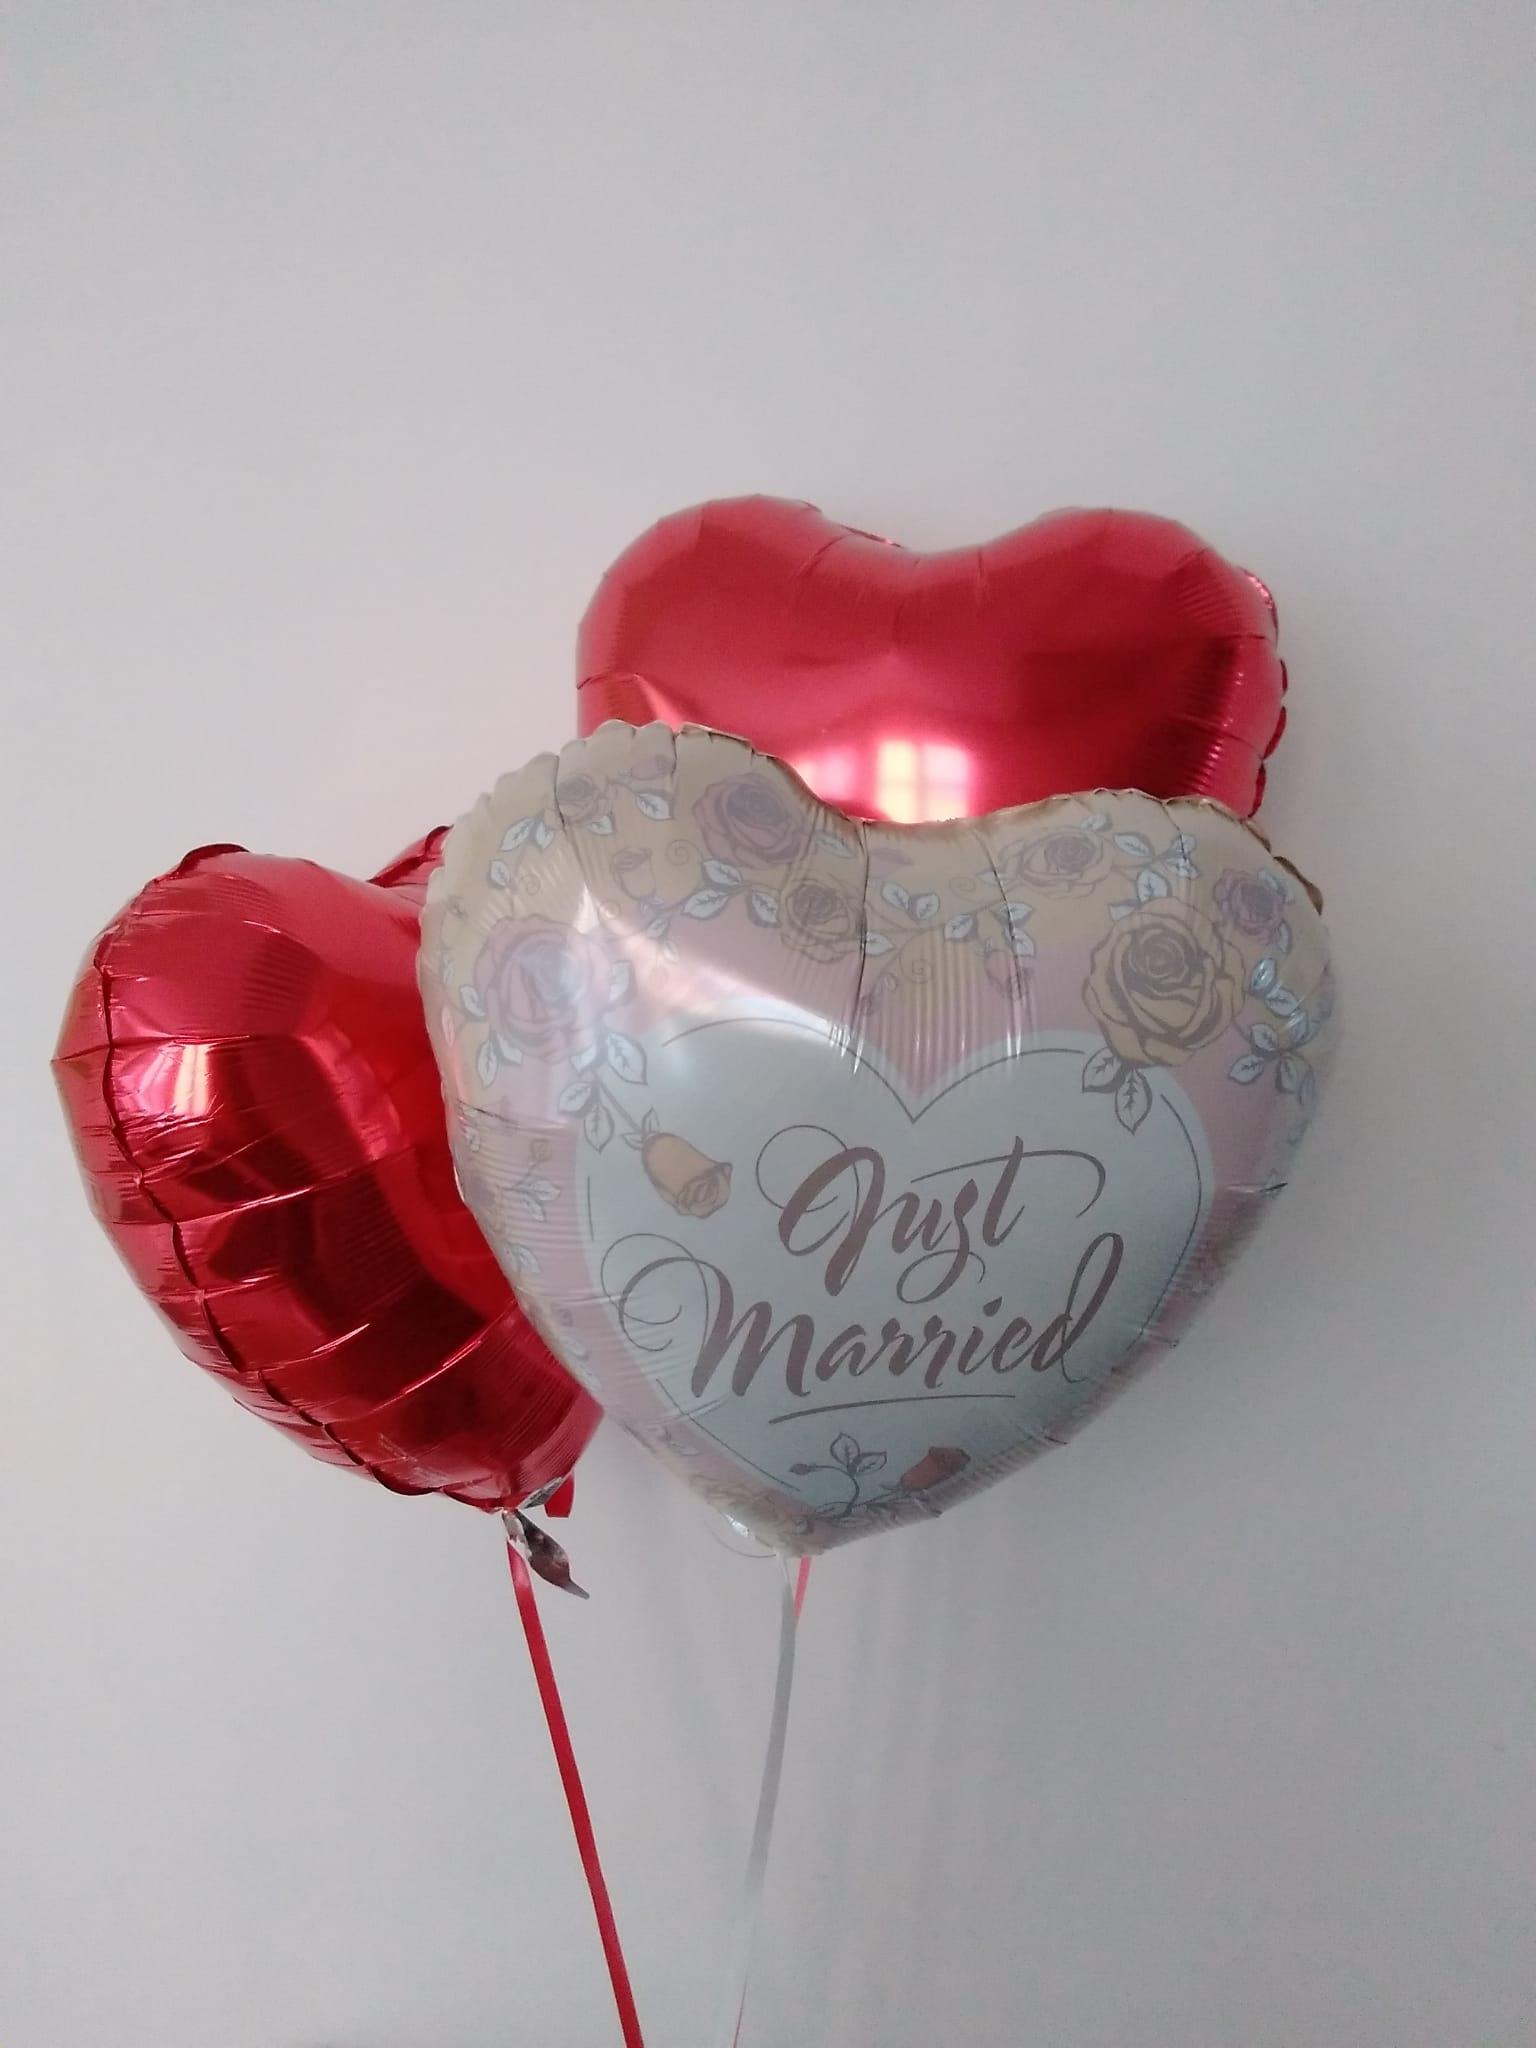 """Ballon """"Just Married"""" kombiniert mit roten Herz-Ballonen"""